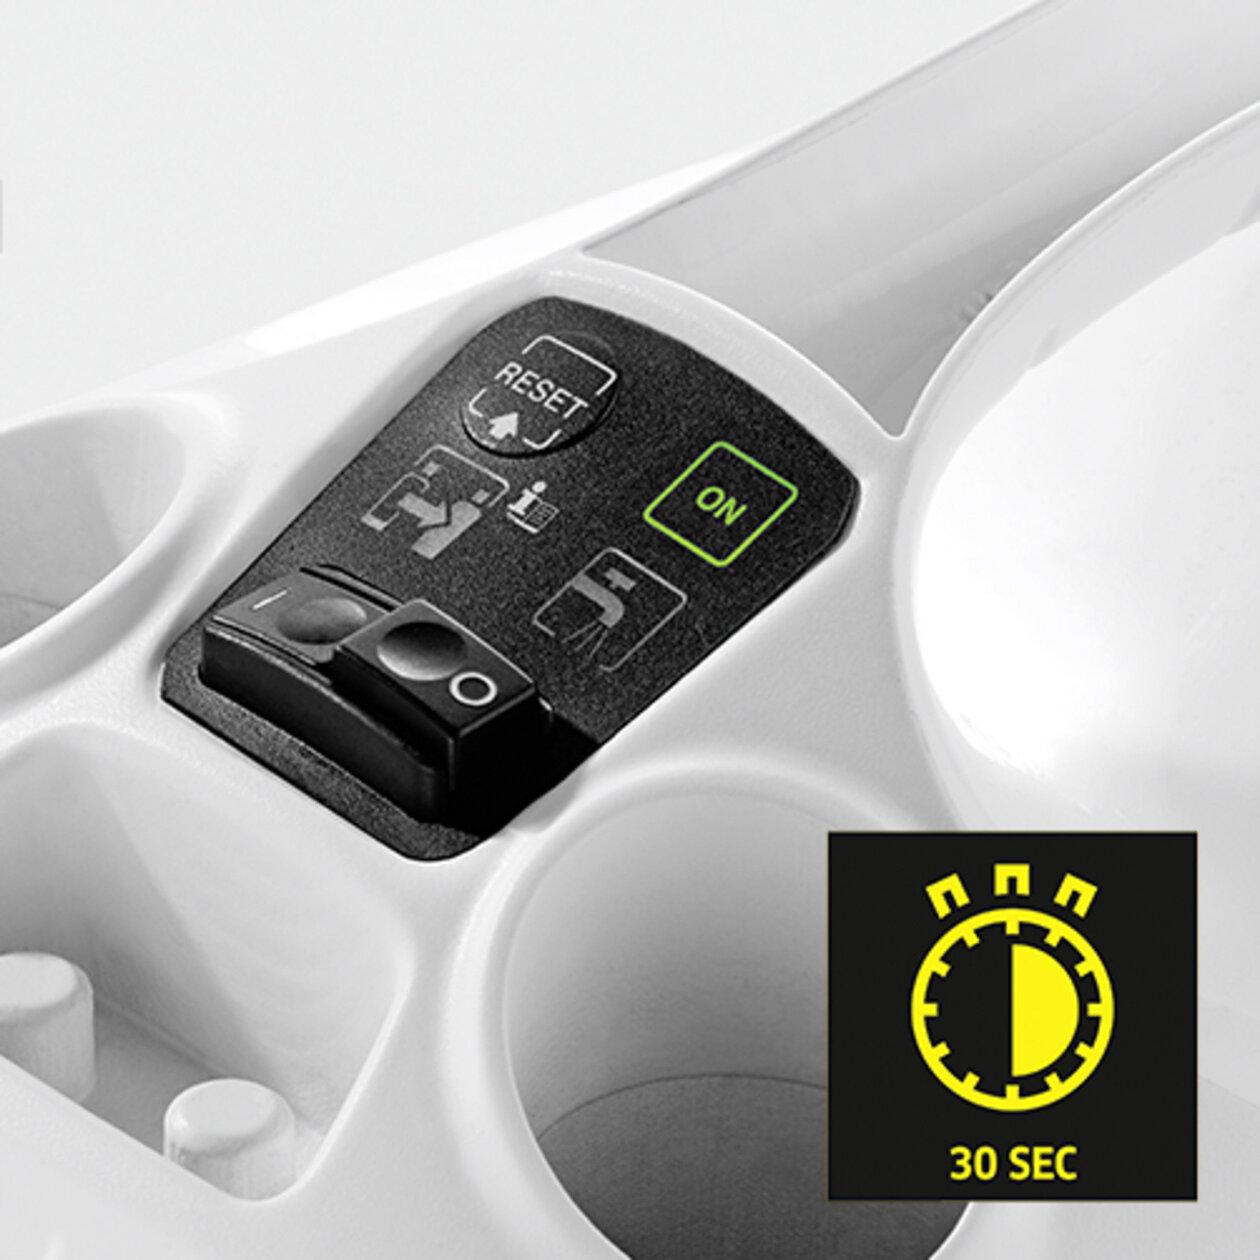 Gőztisztító SC 3 EasyFix Premium (fehér): Rövid felfűtési idő